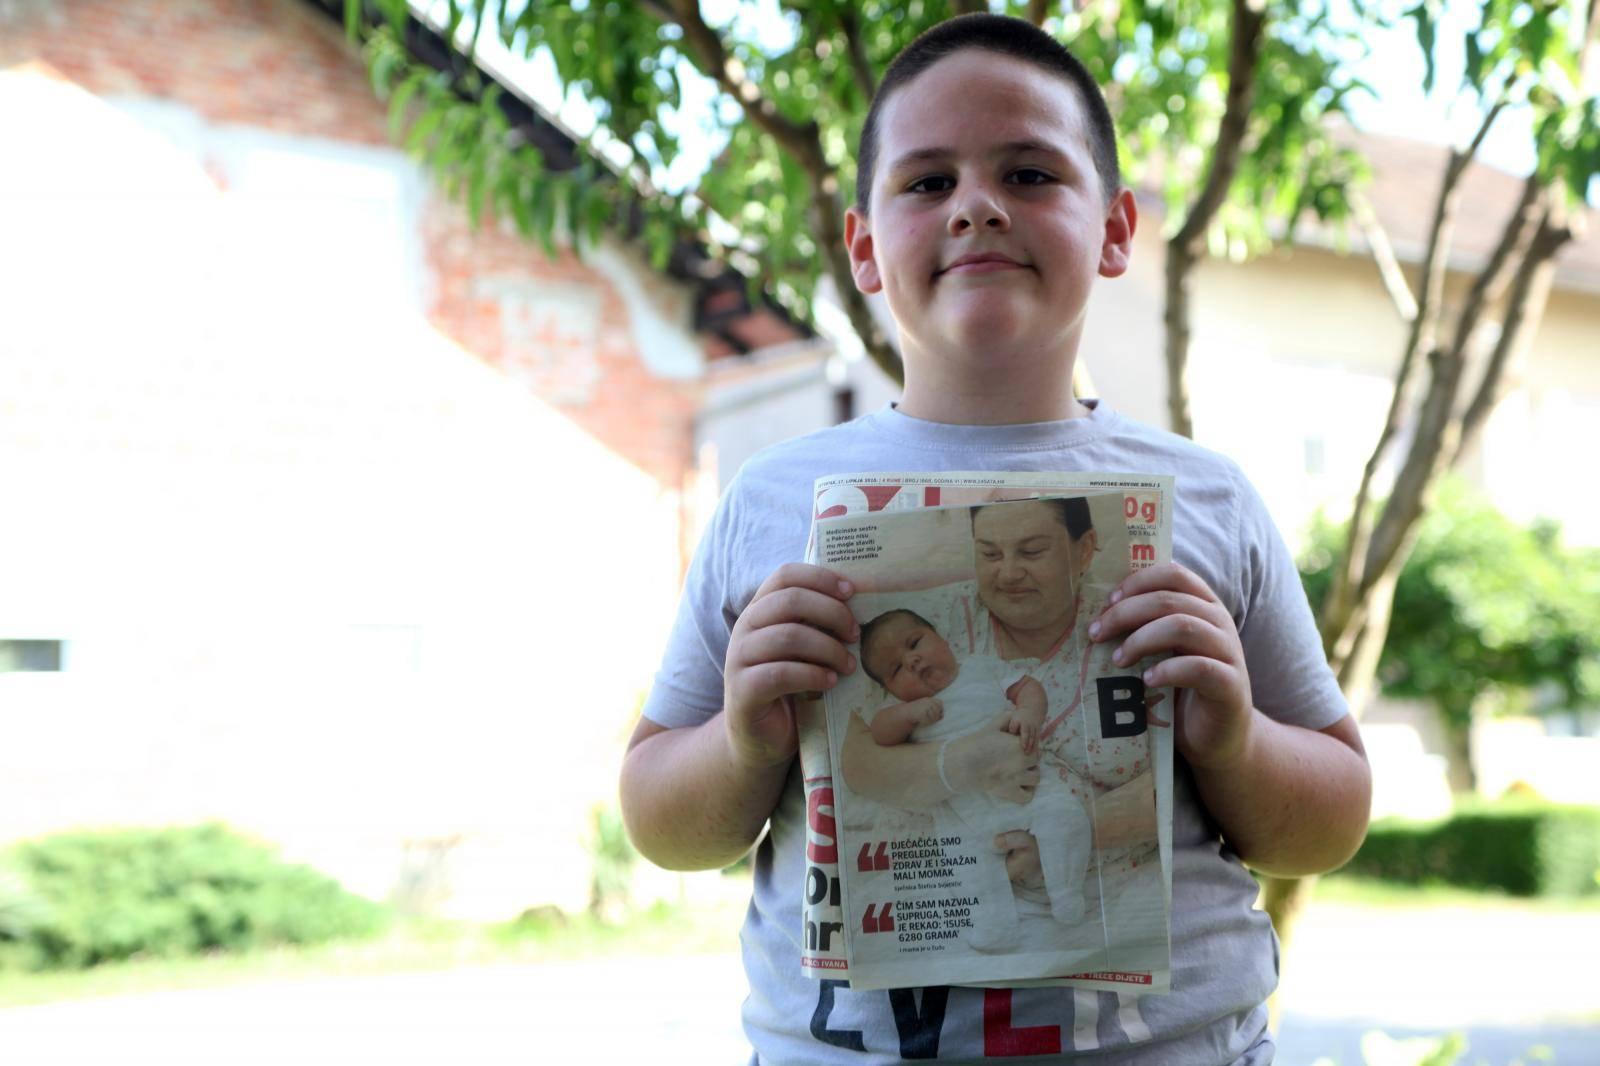 Najveća beba u Hrvatskoj: 'To sam bio ja, sad  mi je 9 godina'